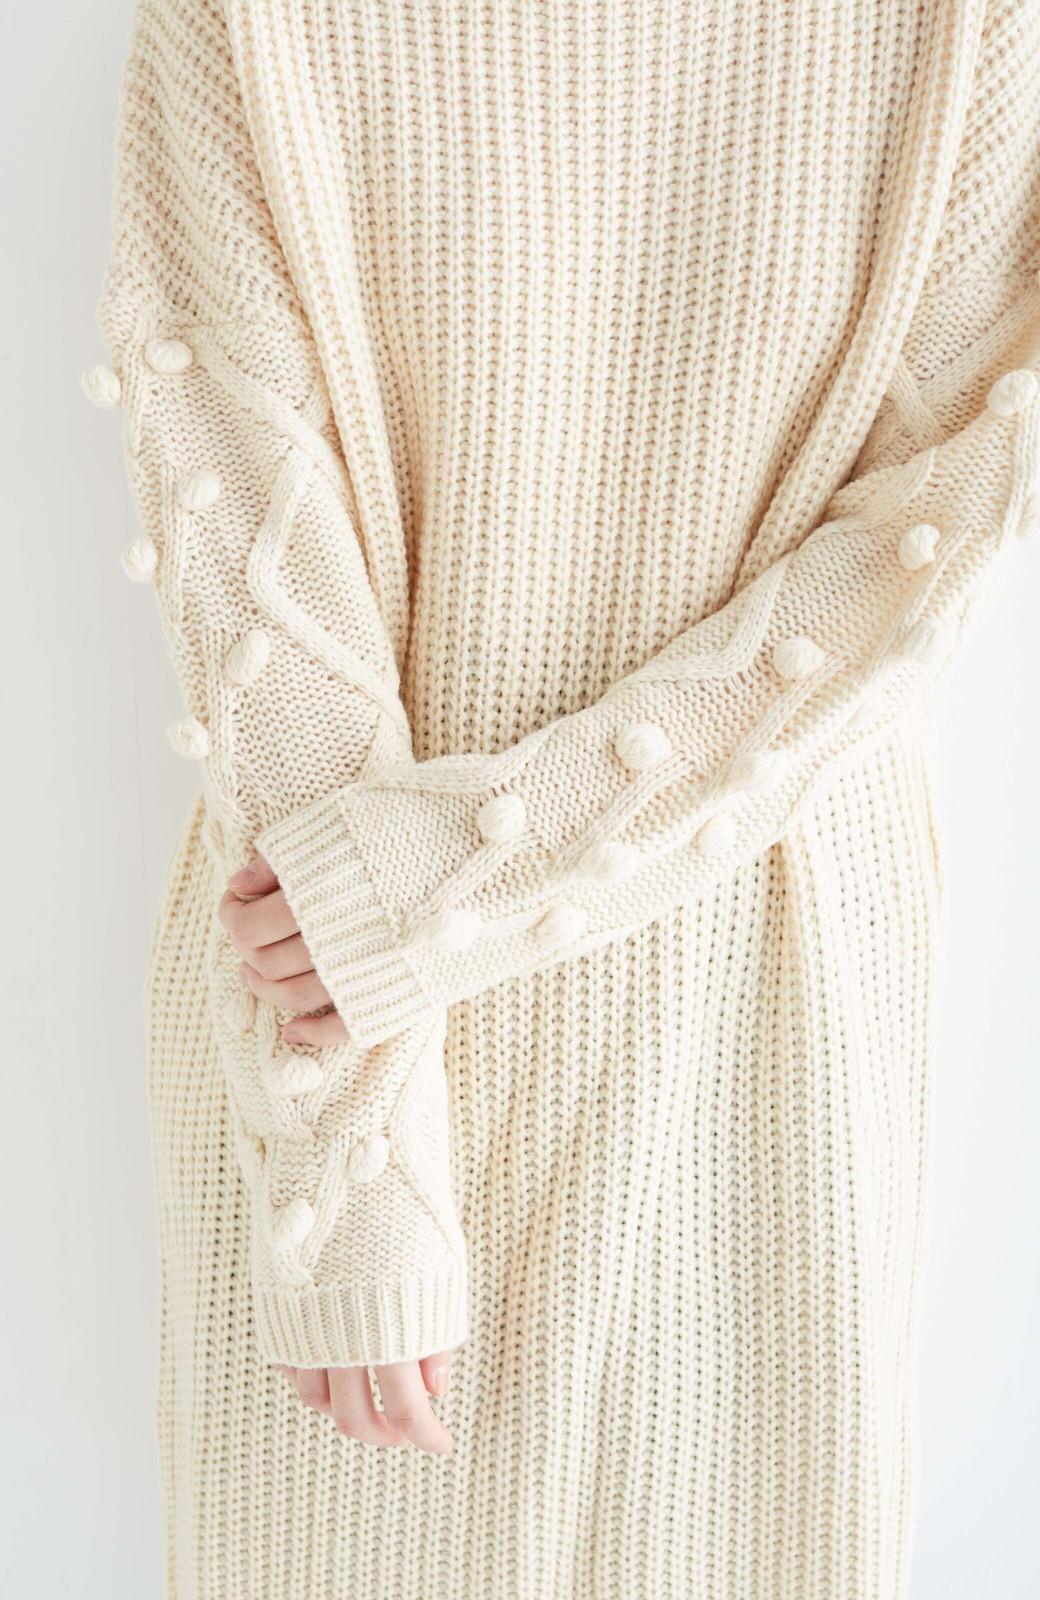 nusy パプコーン編みがかわいい おしゃれニットワンピ <ホワイト>の商品写真21